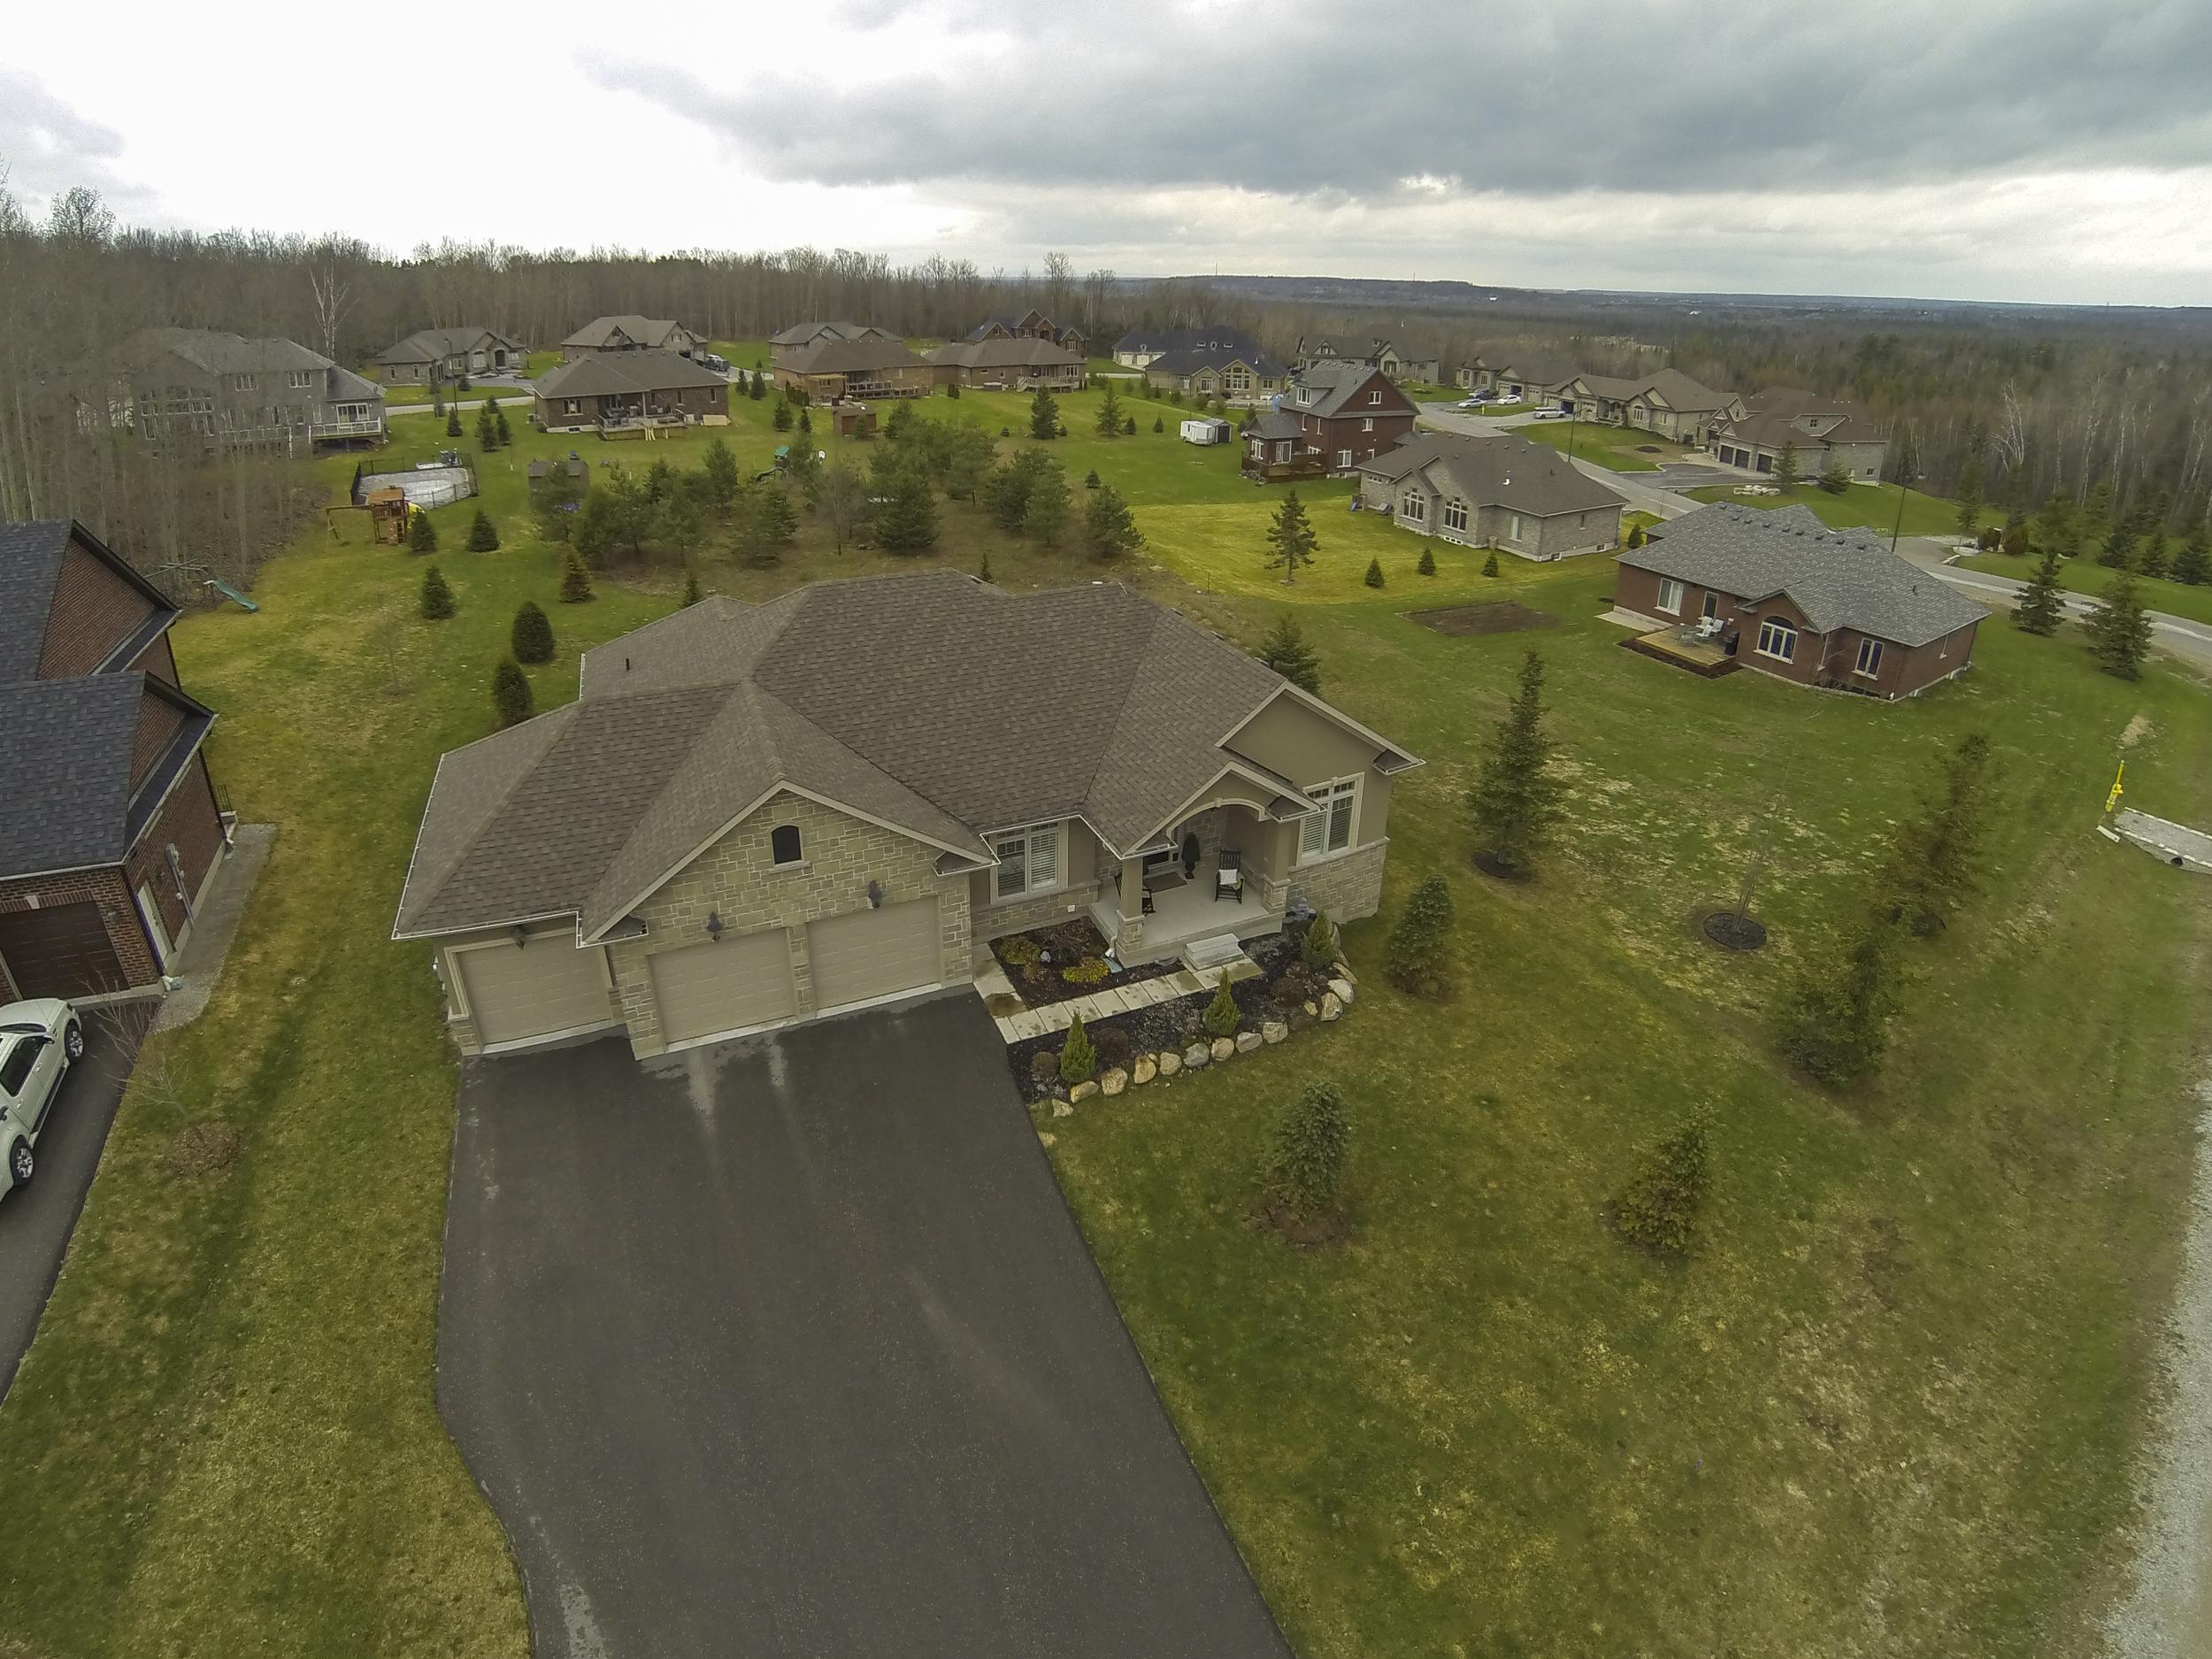 42budsMill_aerial1.jpg